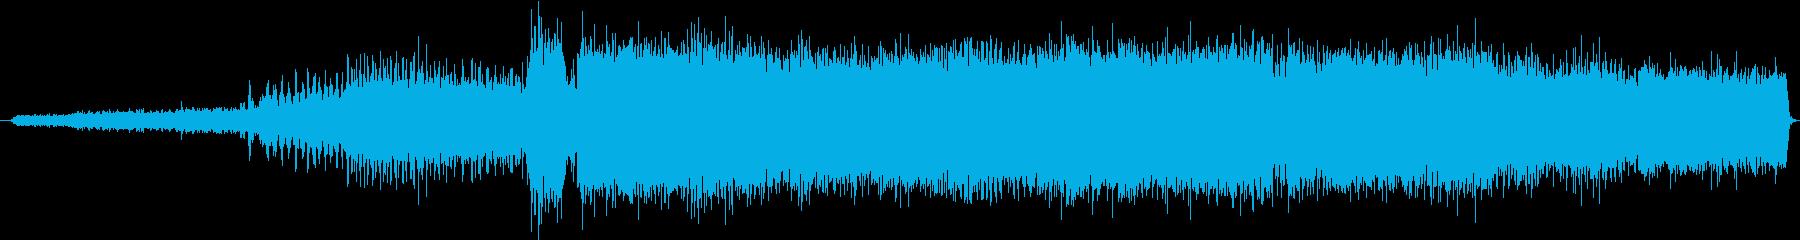 コードレスハンドドリル:19.2V...の再生済みの波形